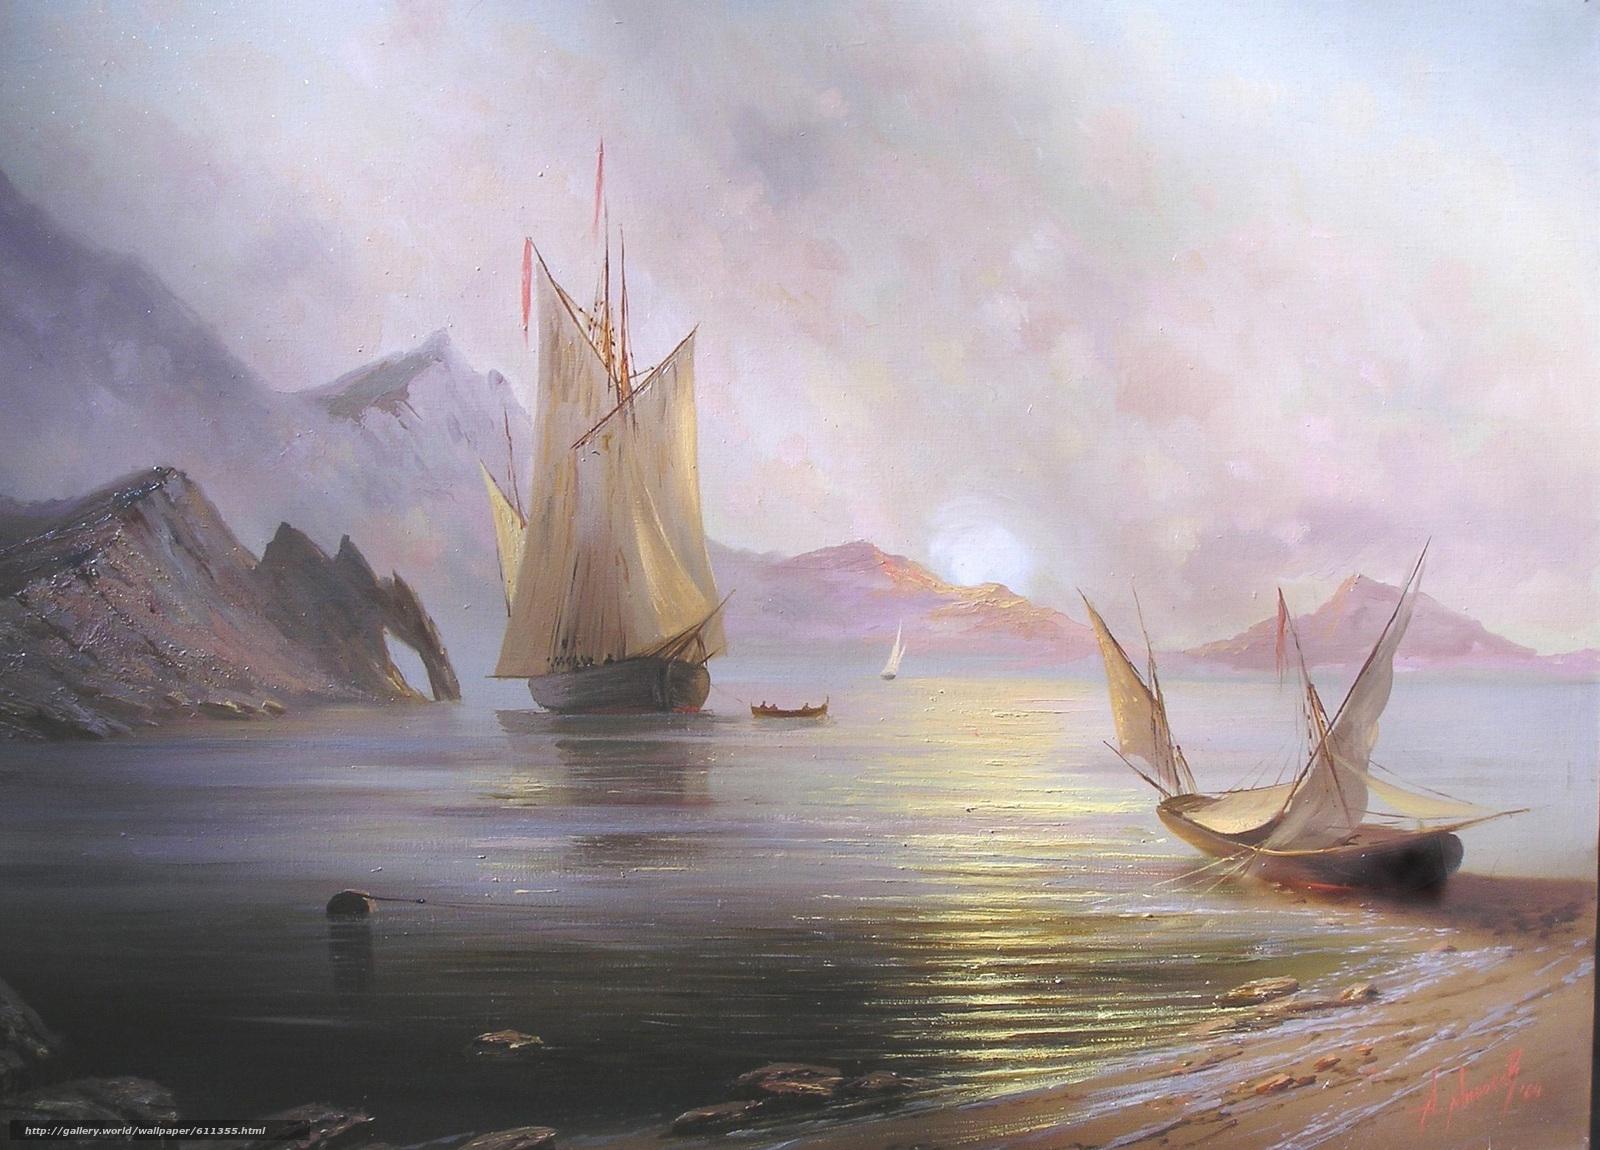 Скачать обои Милюков,  Александр,  Рассвет на море,  пейзаж бесплатно для рабочего стола в разрешении 2288x1644 — картинка №611355